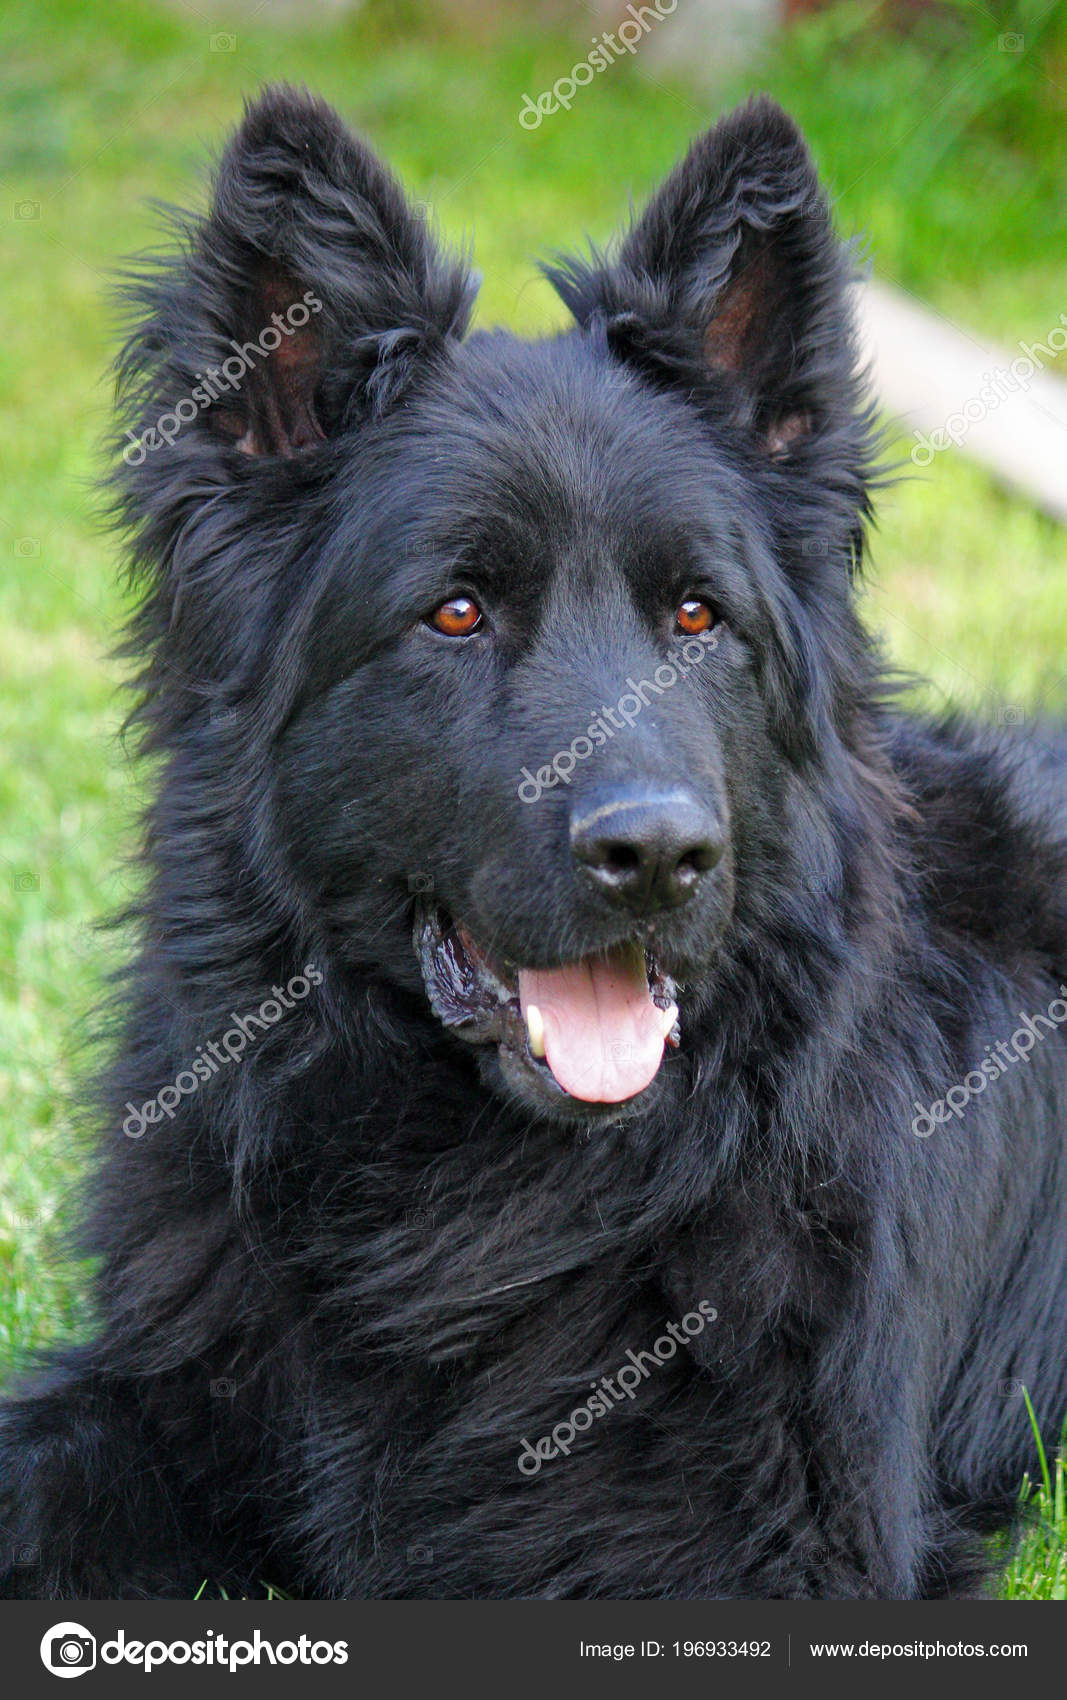 Inteligentny Cały Czarny Długowłosy Owczarek Niemiecki Pies Ogrodzie — Zdjęcie RD33